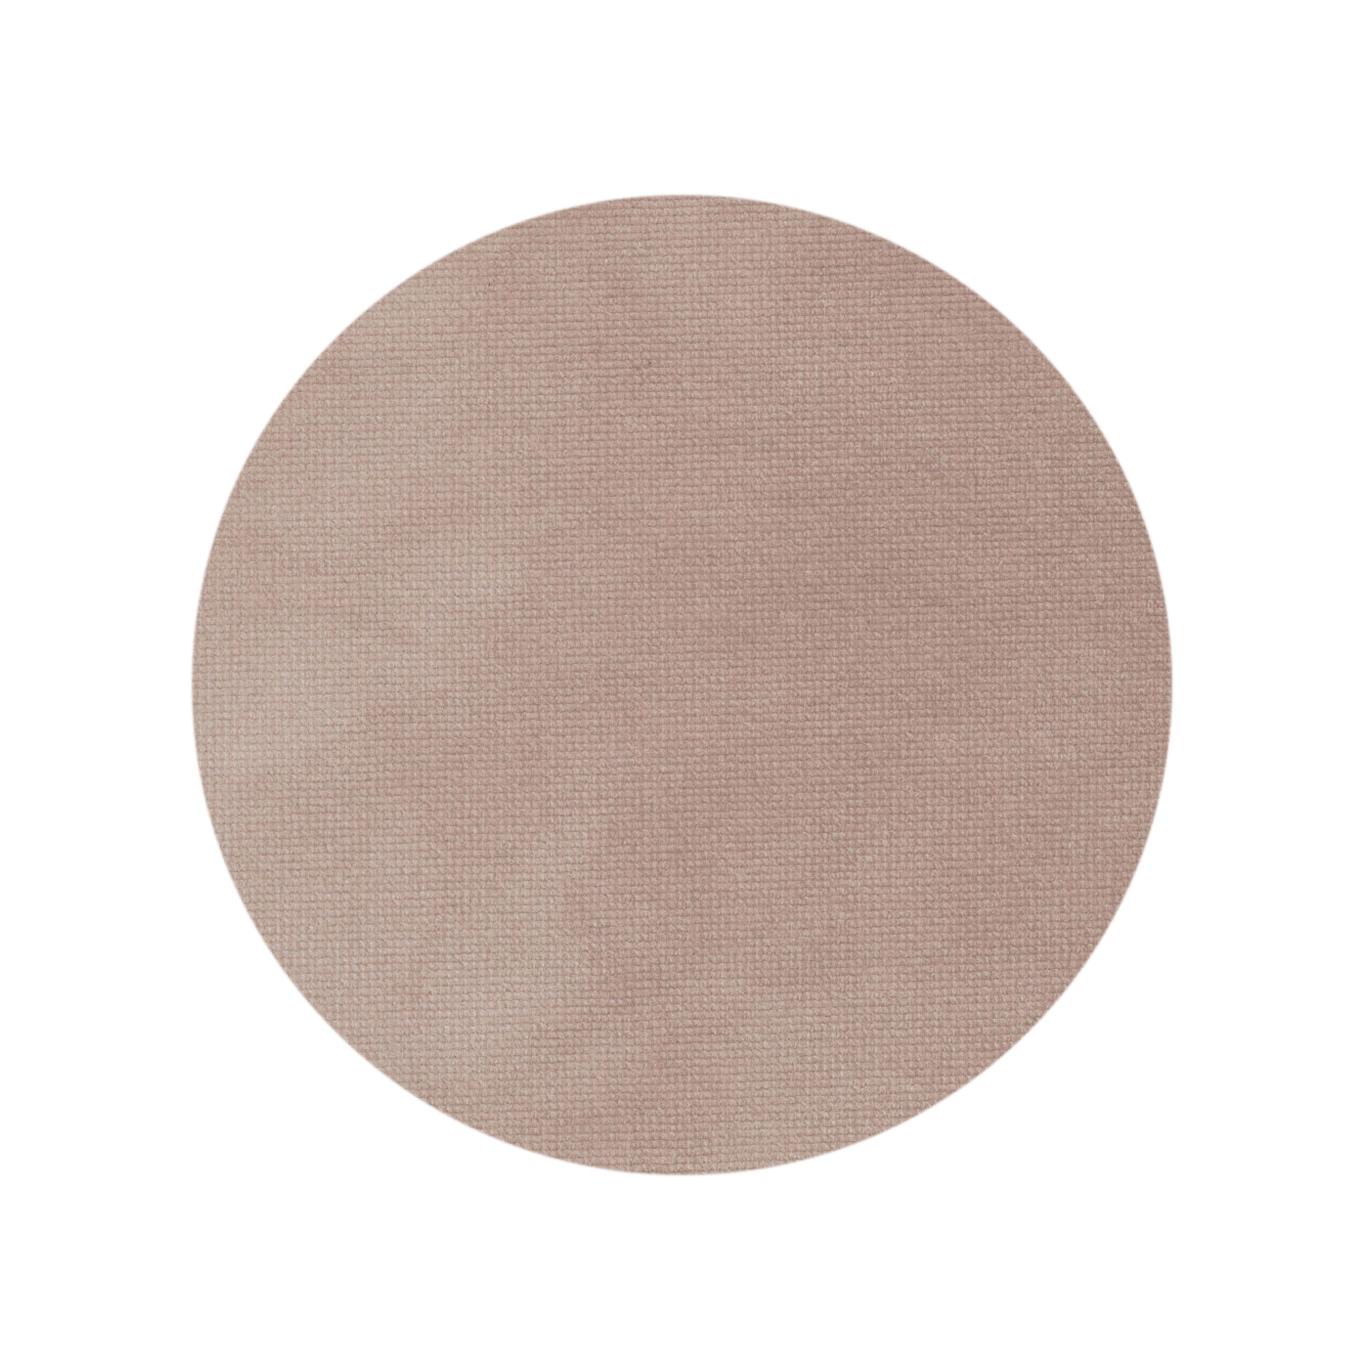 Astor Velvet - Dusty Blush